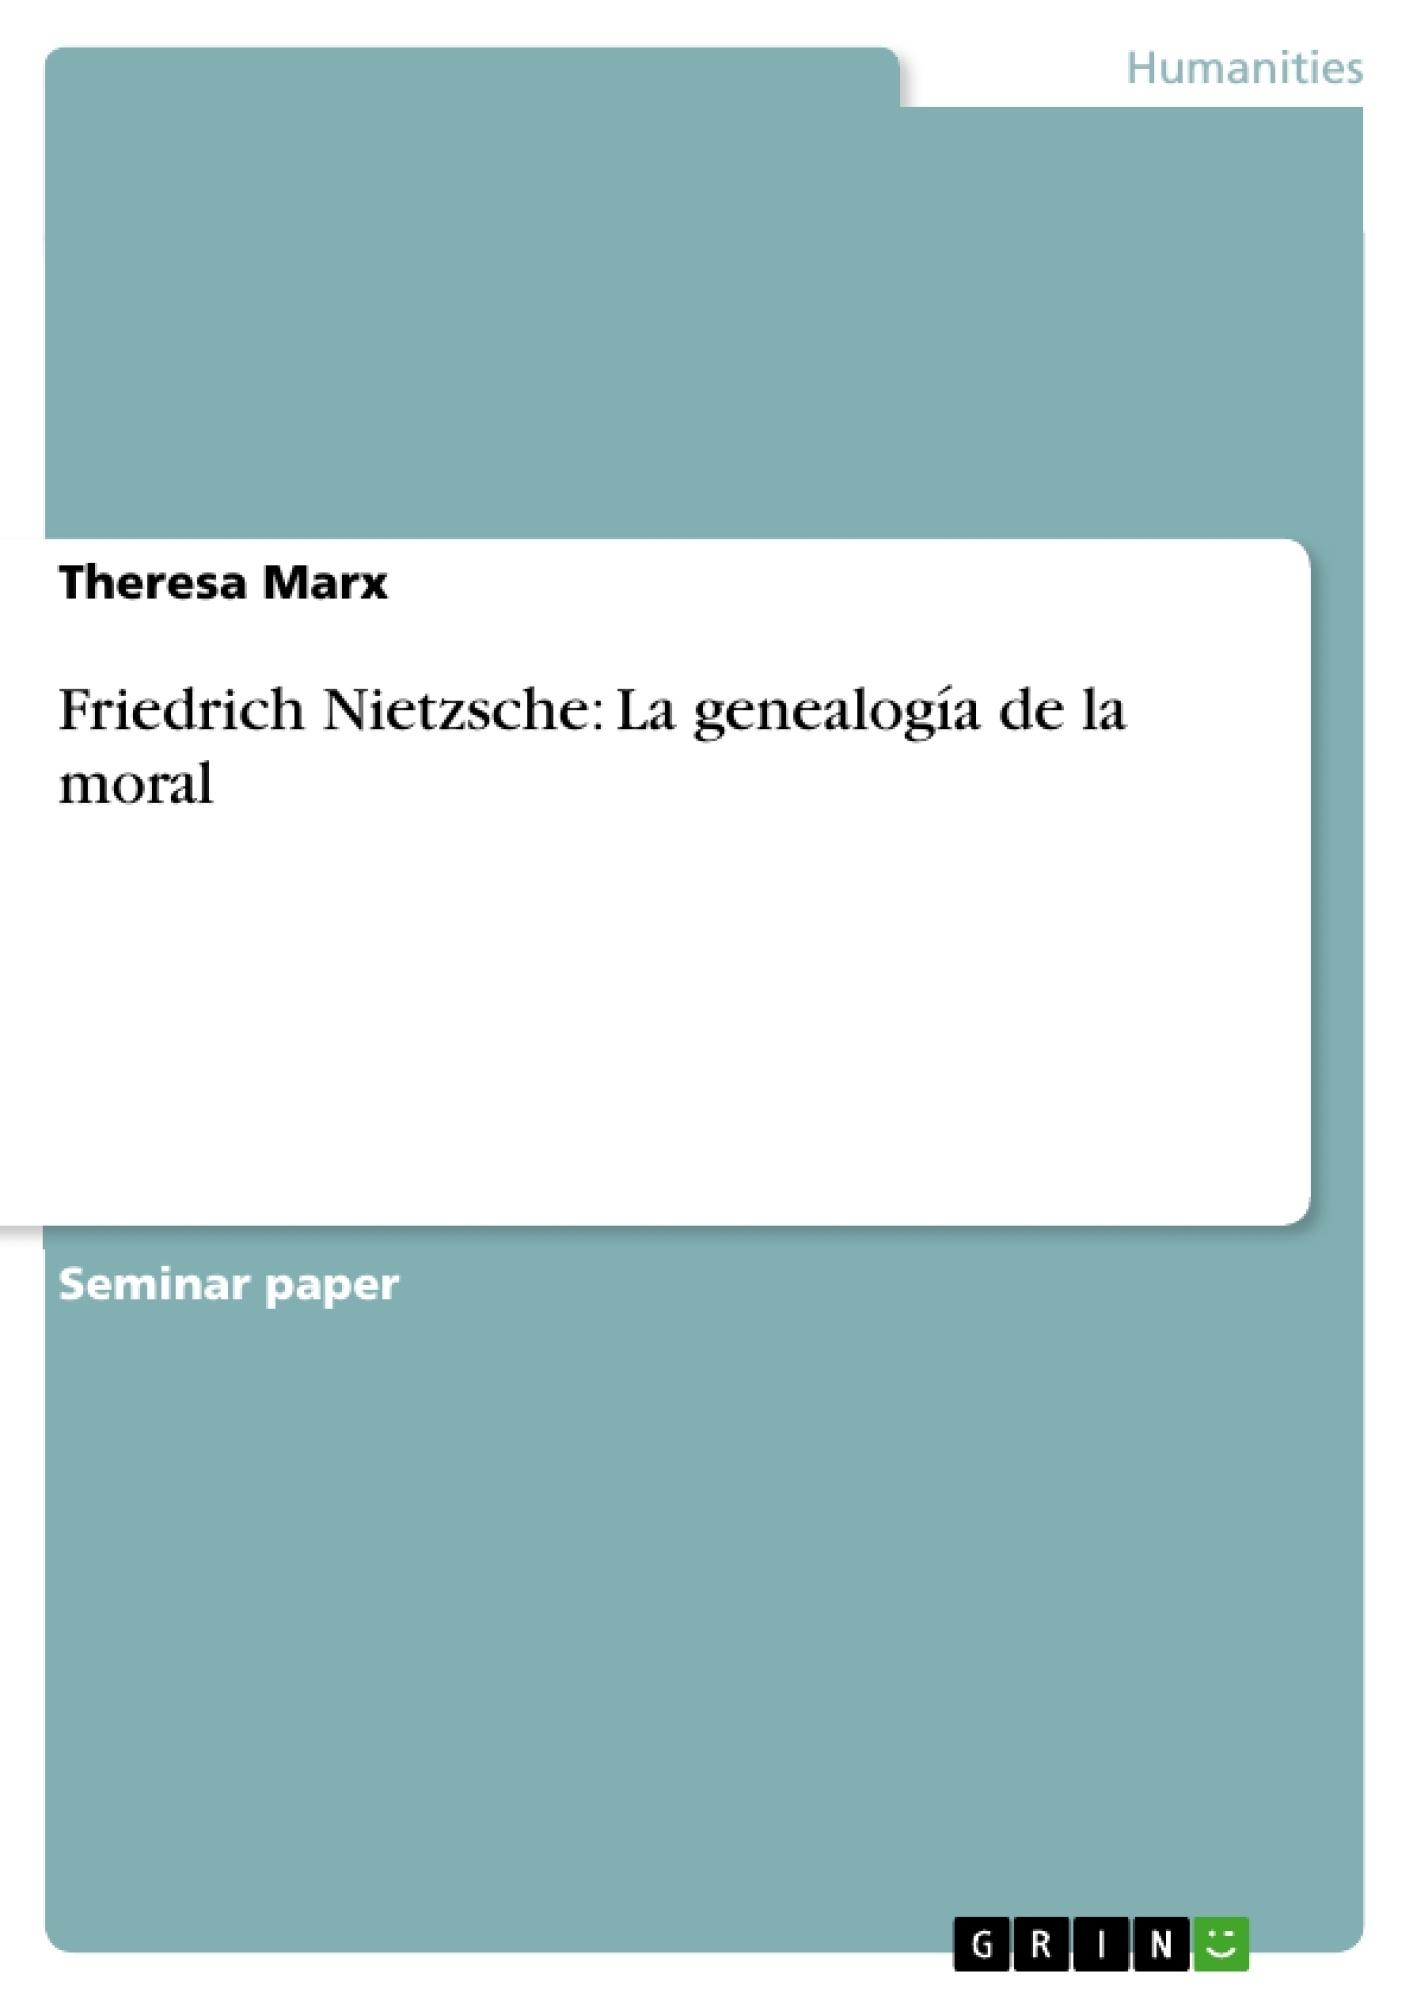 Título: Friedrich Nietzsche: La genealogía de la moral